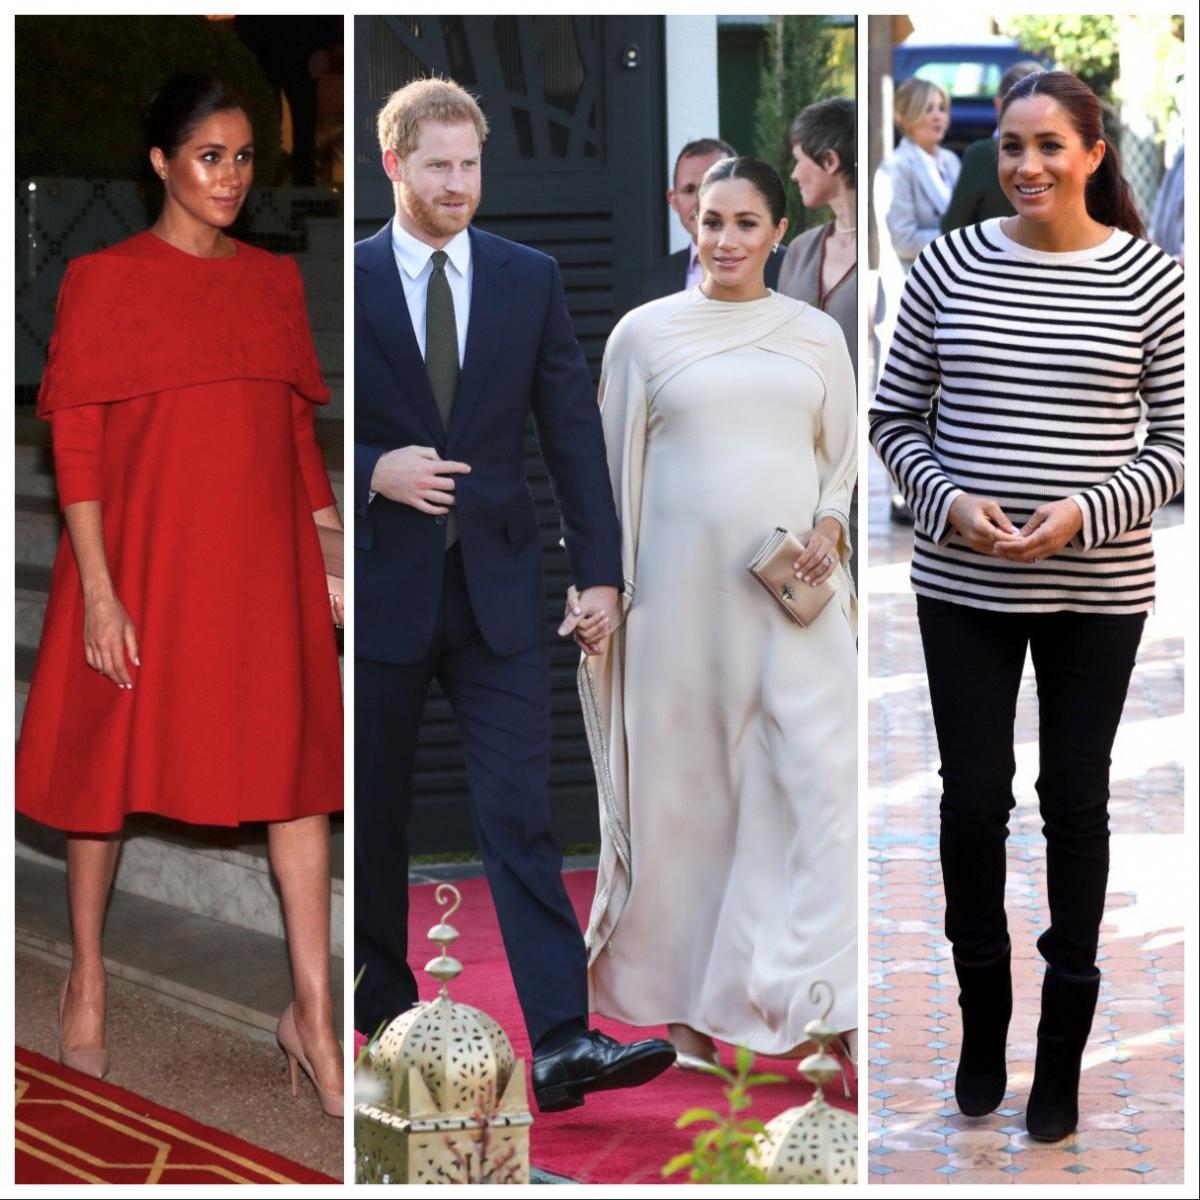 4月下旬〜5月上旬に出産を予定している、英王室のメーガン妃(37)。フェミニンなマタニティスタイルが印象的だったキャサリン妃(37)に対し、エッジィでモード感